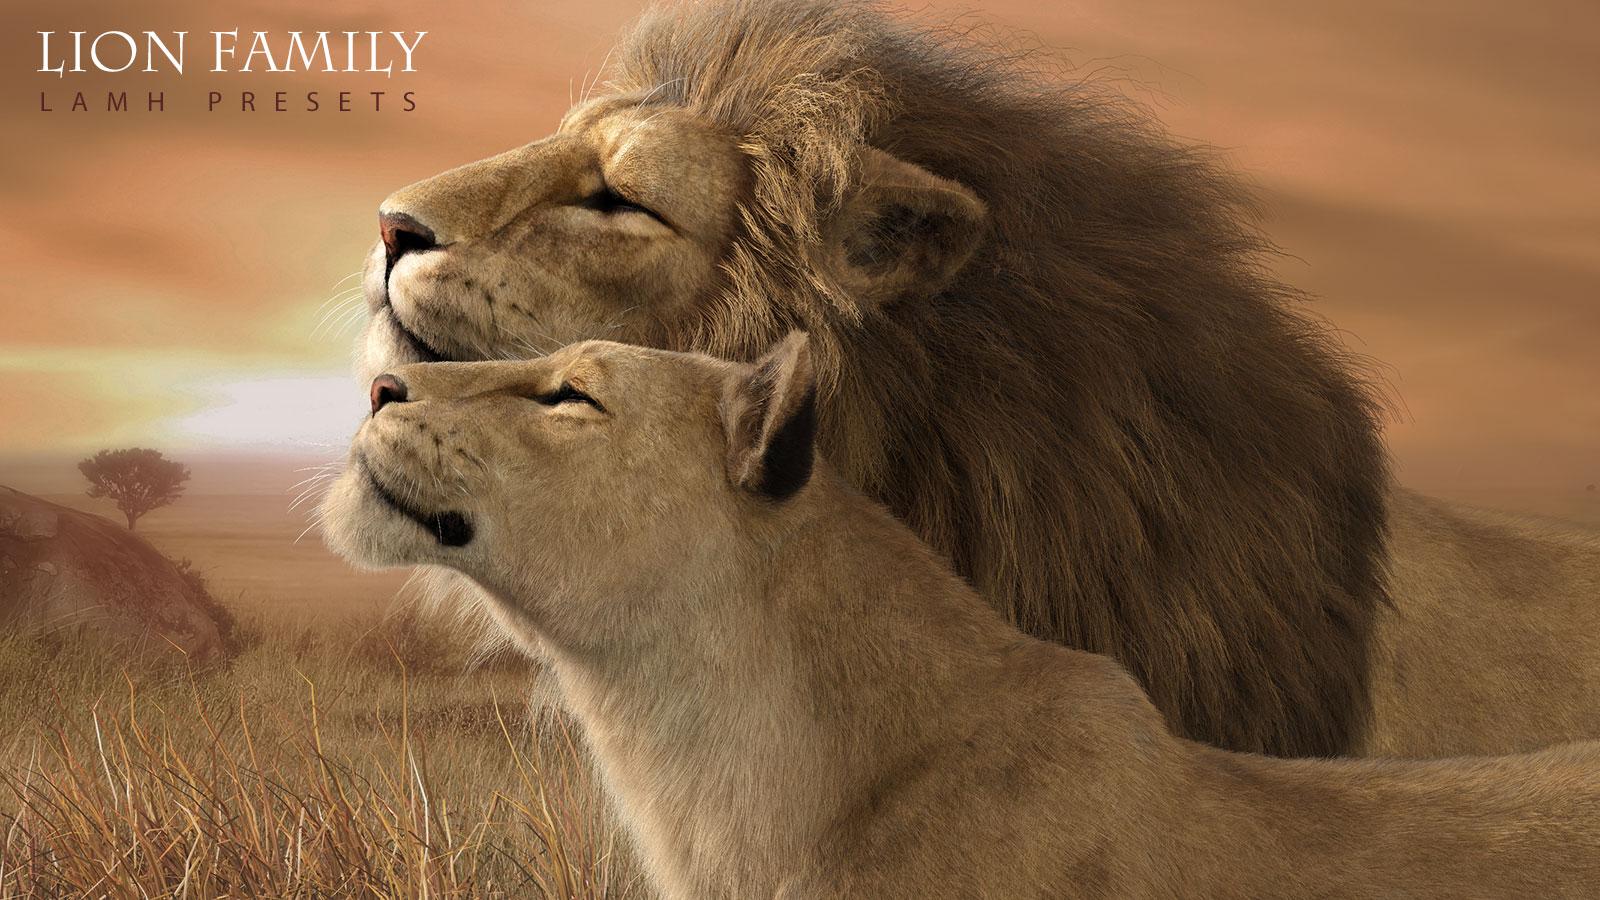 CWRW_LionFamilyLAMH_MAIN.jpg